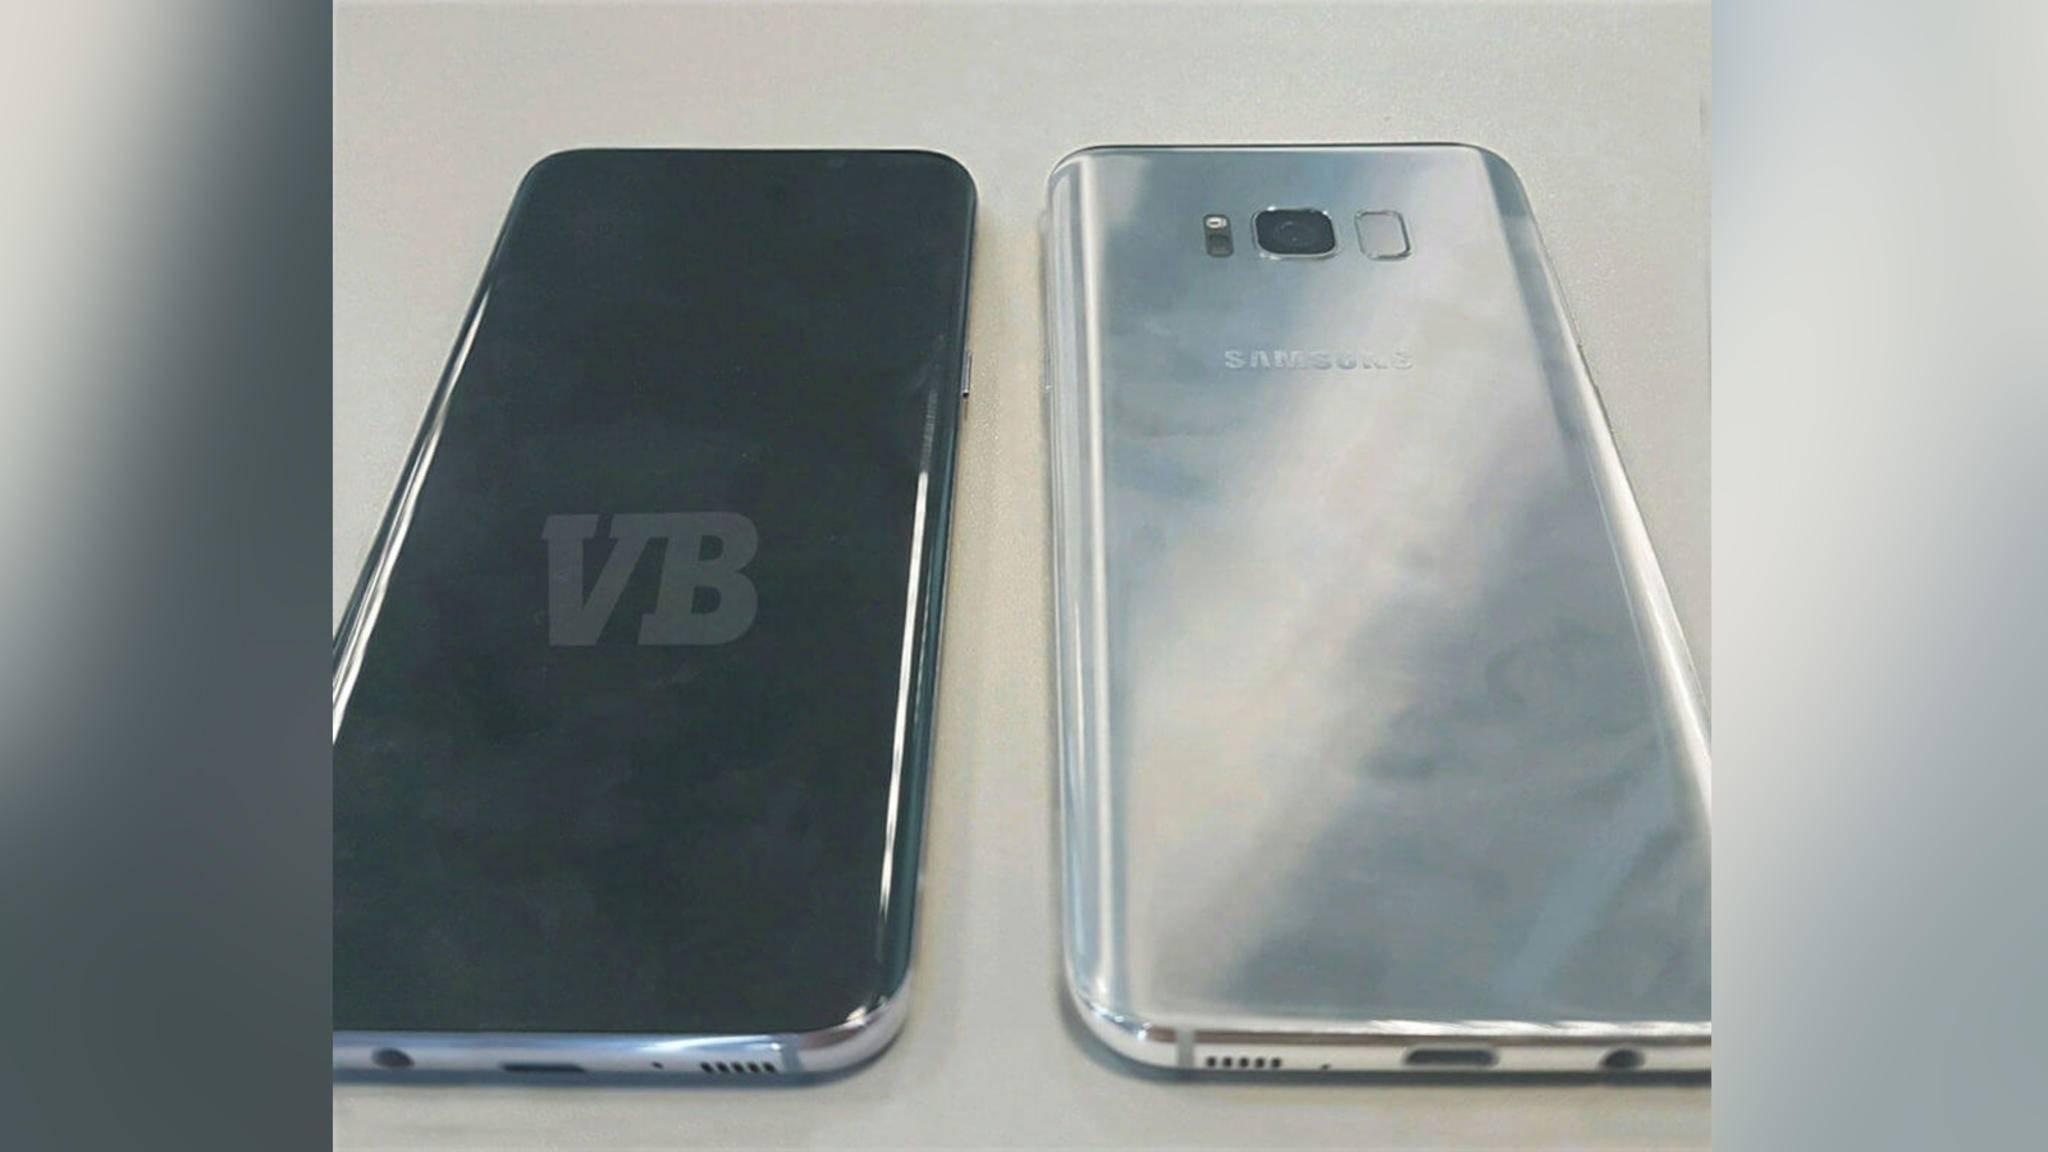 Das Samsung Galaxy S8 soll immer noch einen Klinkenanschluss haben.